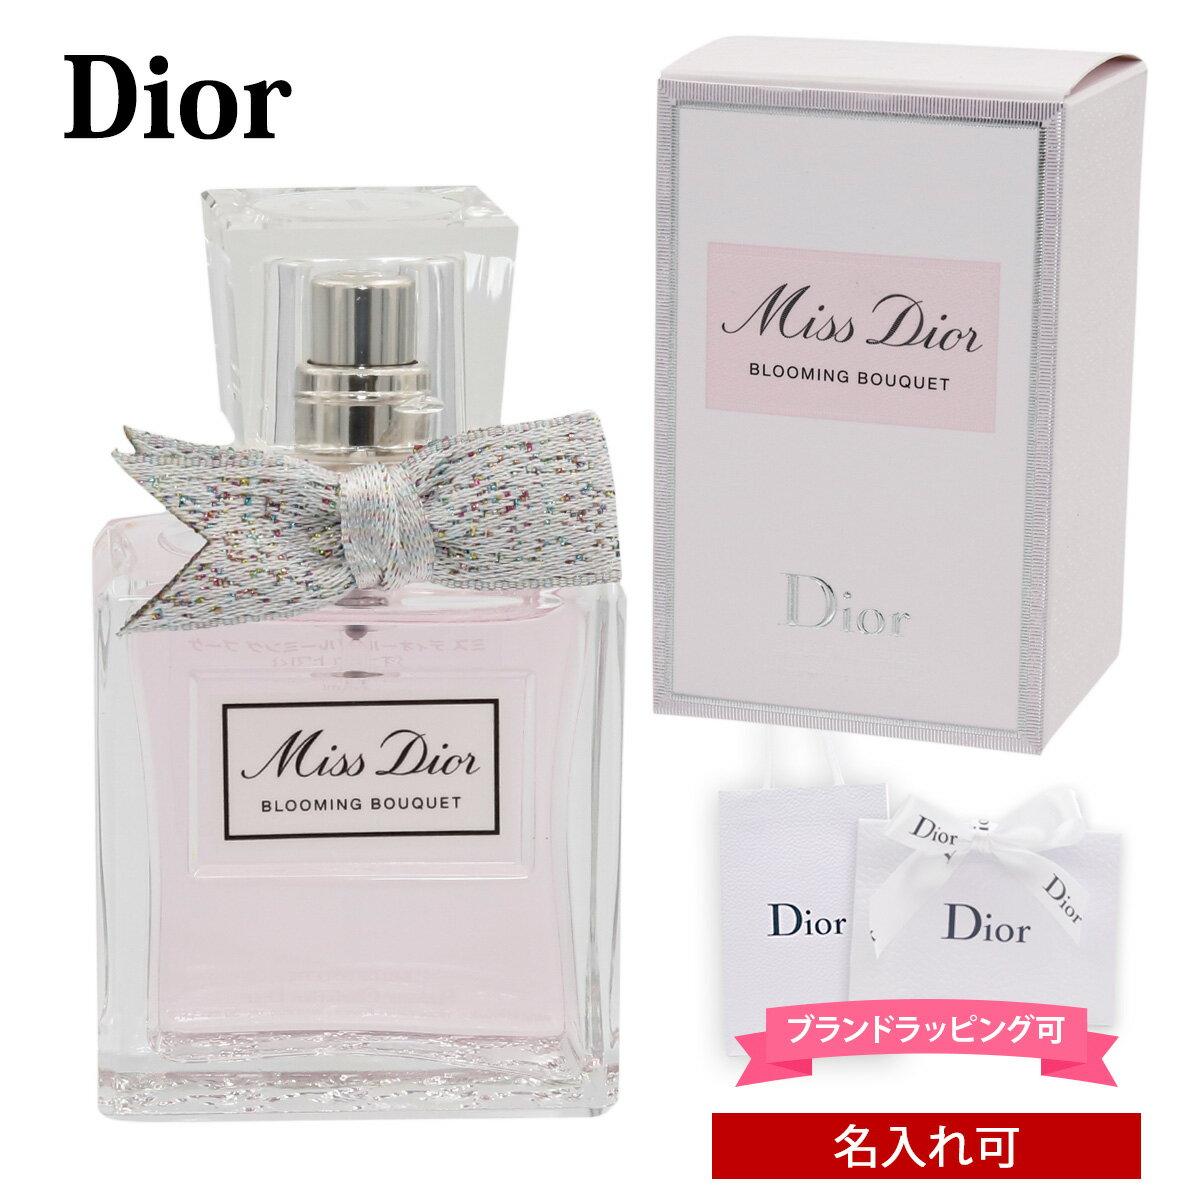 美容・コスメ・香水, 香水・フレグランス  Dior EDT SP 30ml 2021